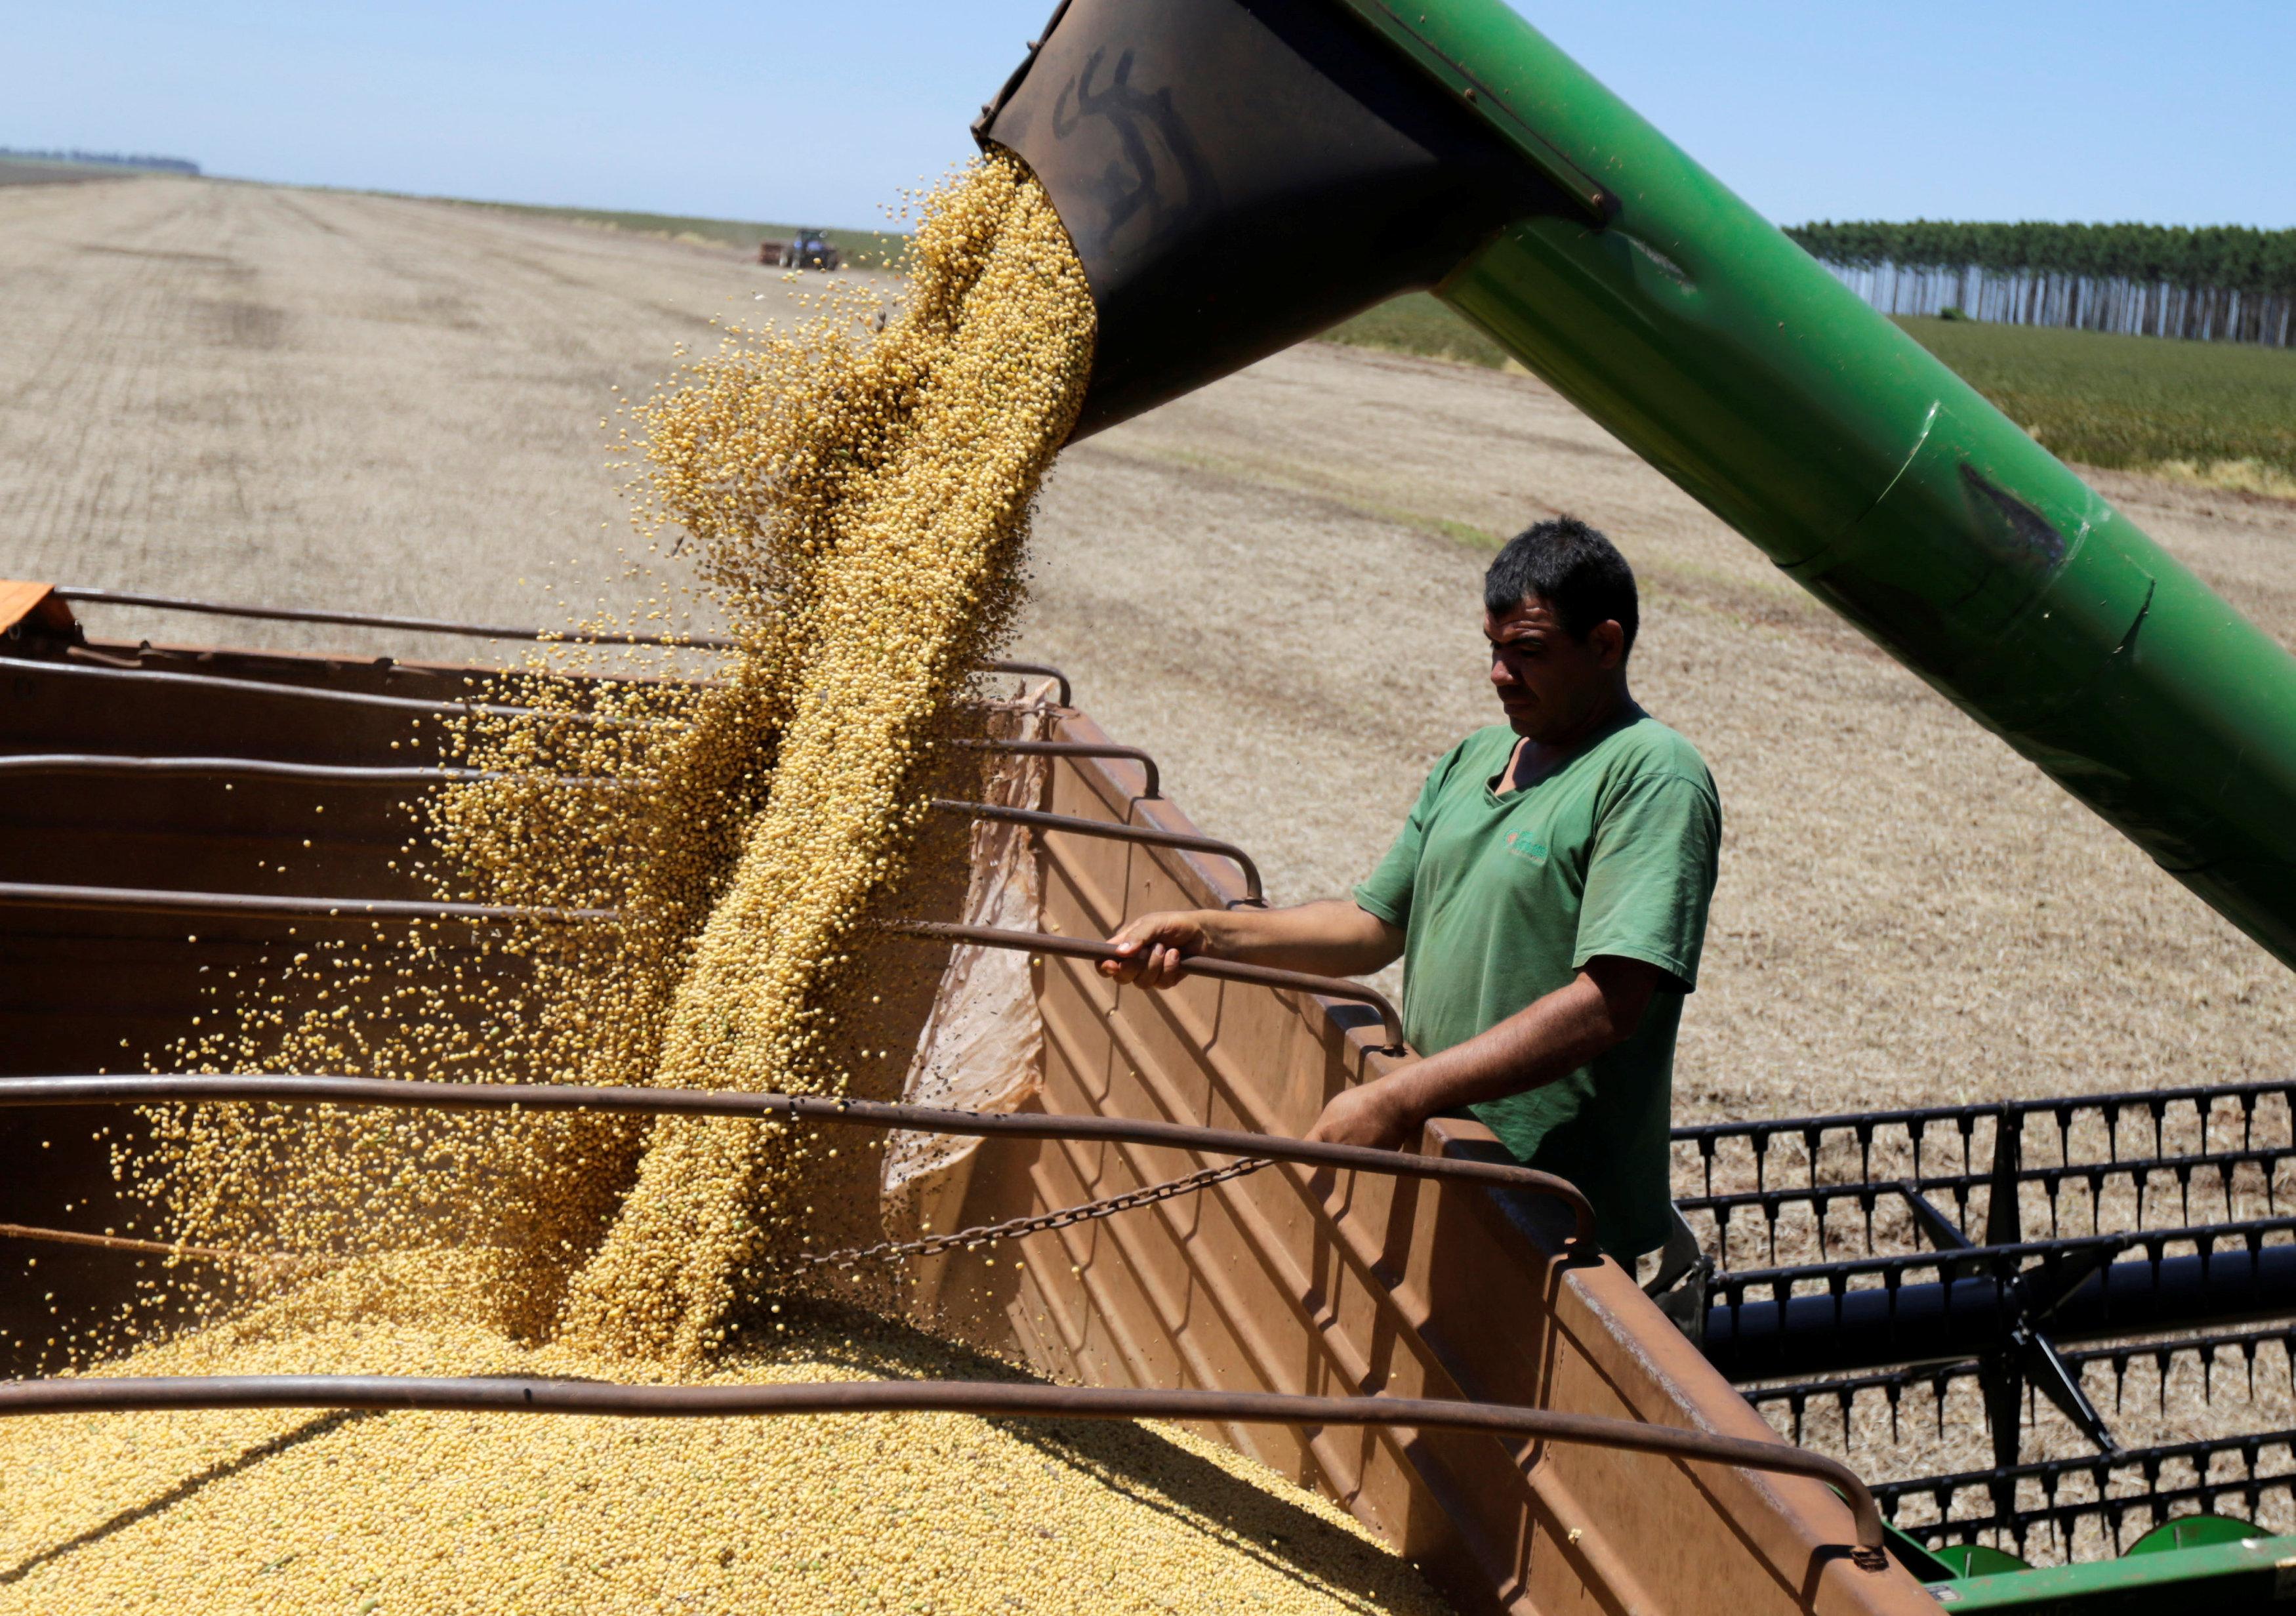 Colheita de safra de soja no Brasil (foto de arquivo)